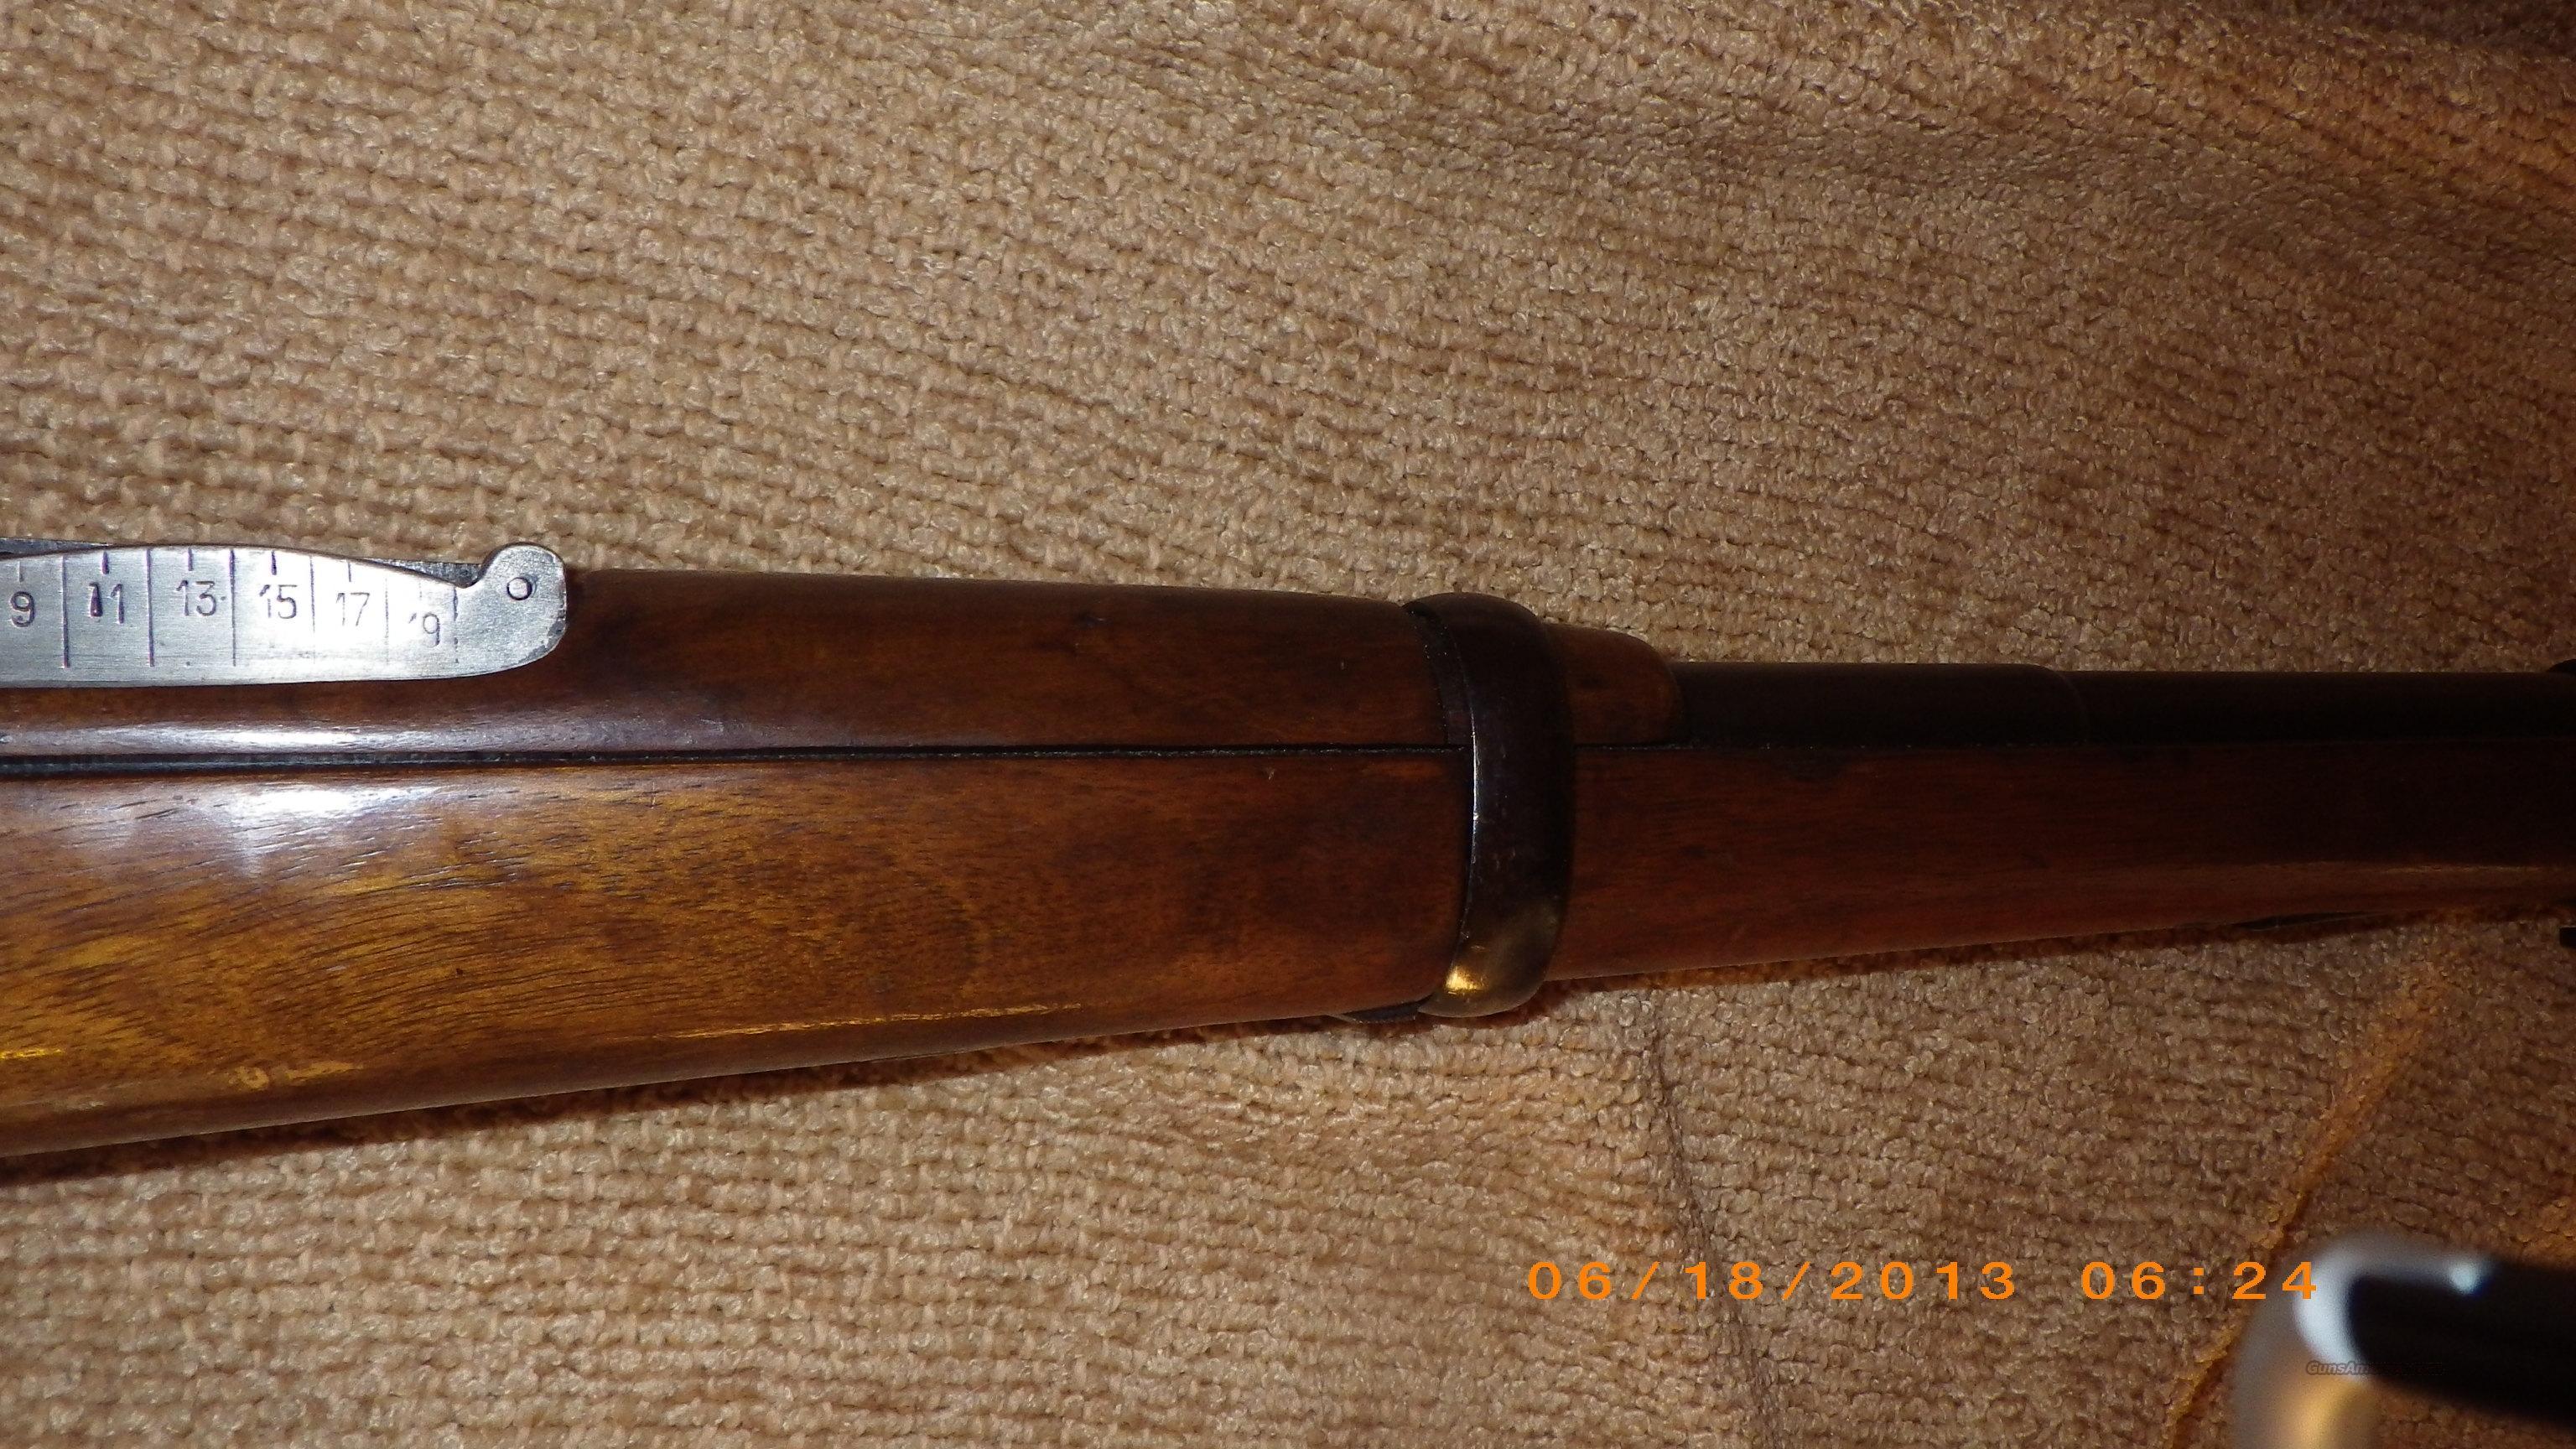 Spanish Mauser Model 1916 Short Rifle 7MM Caliber